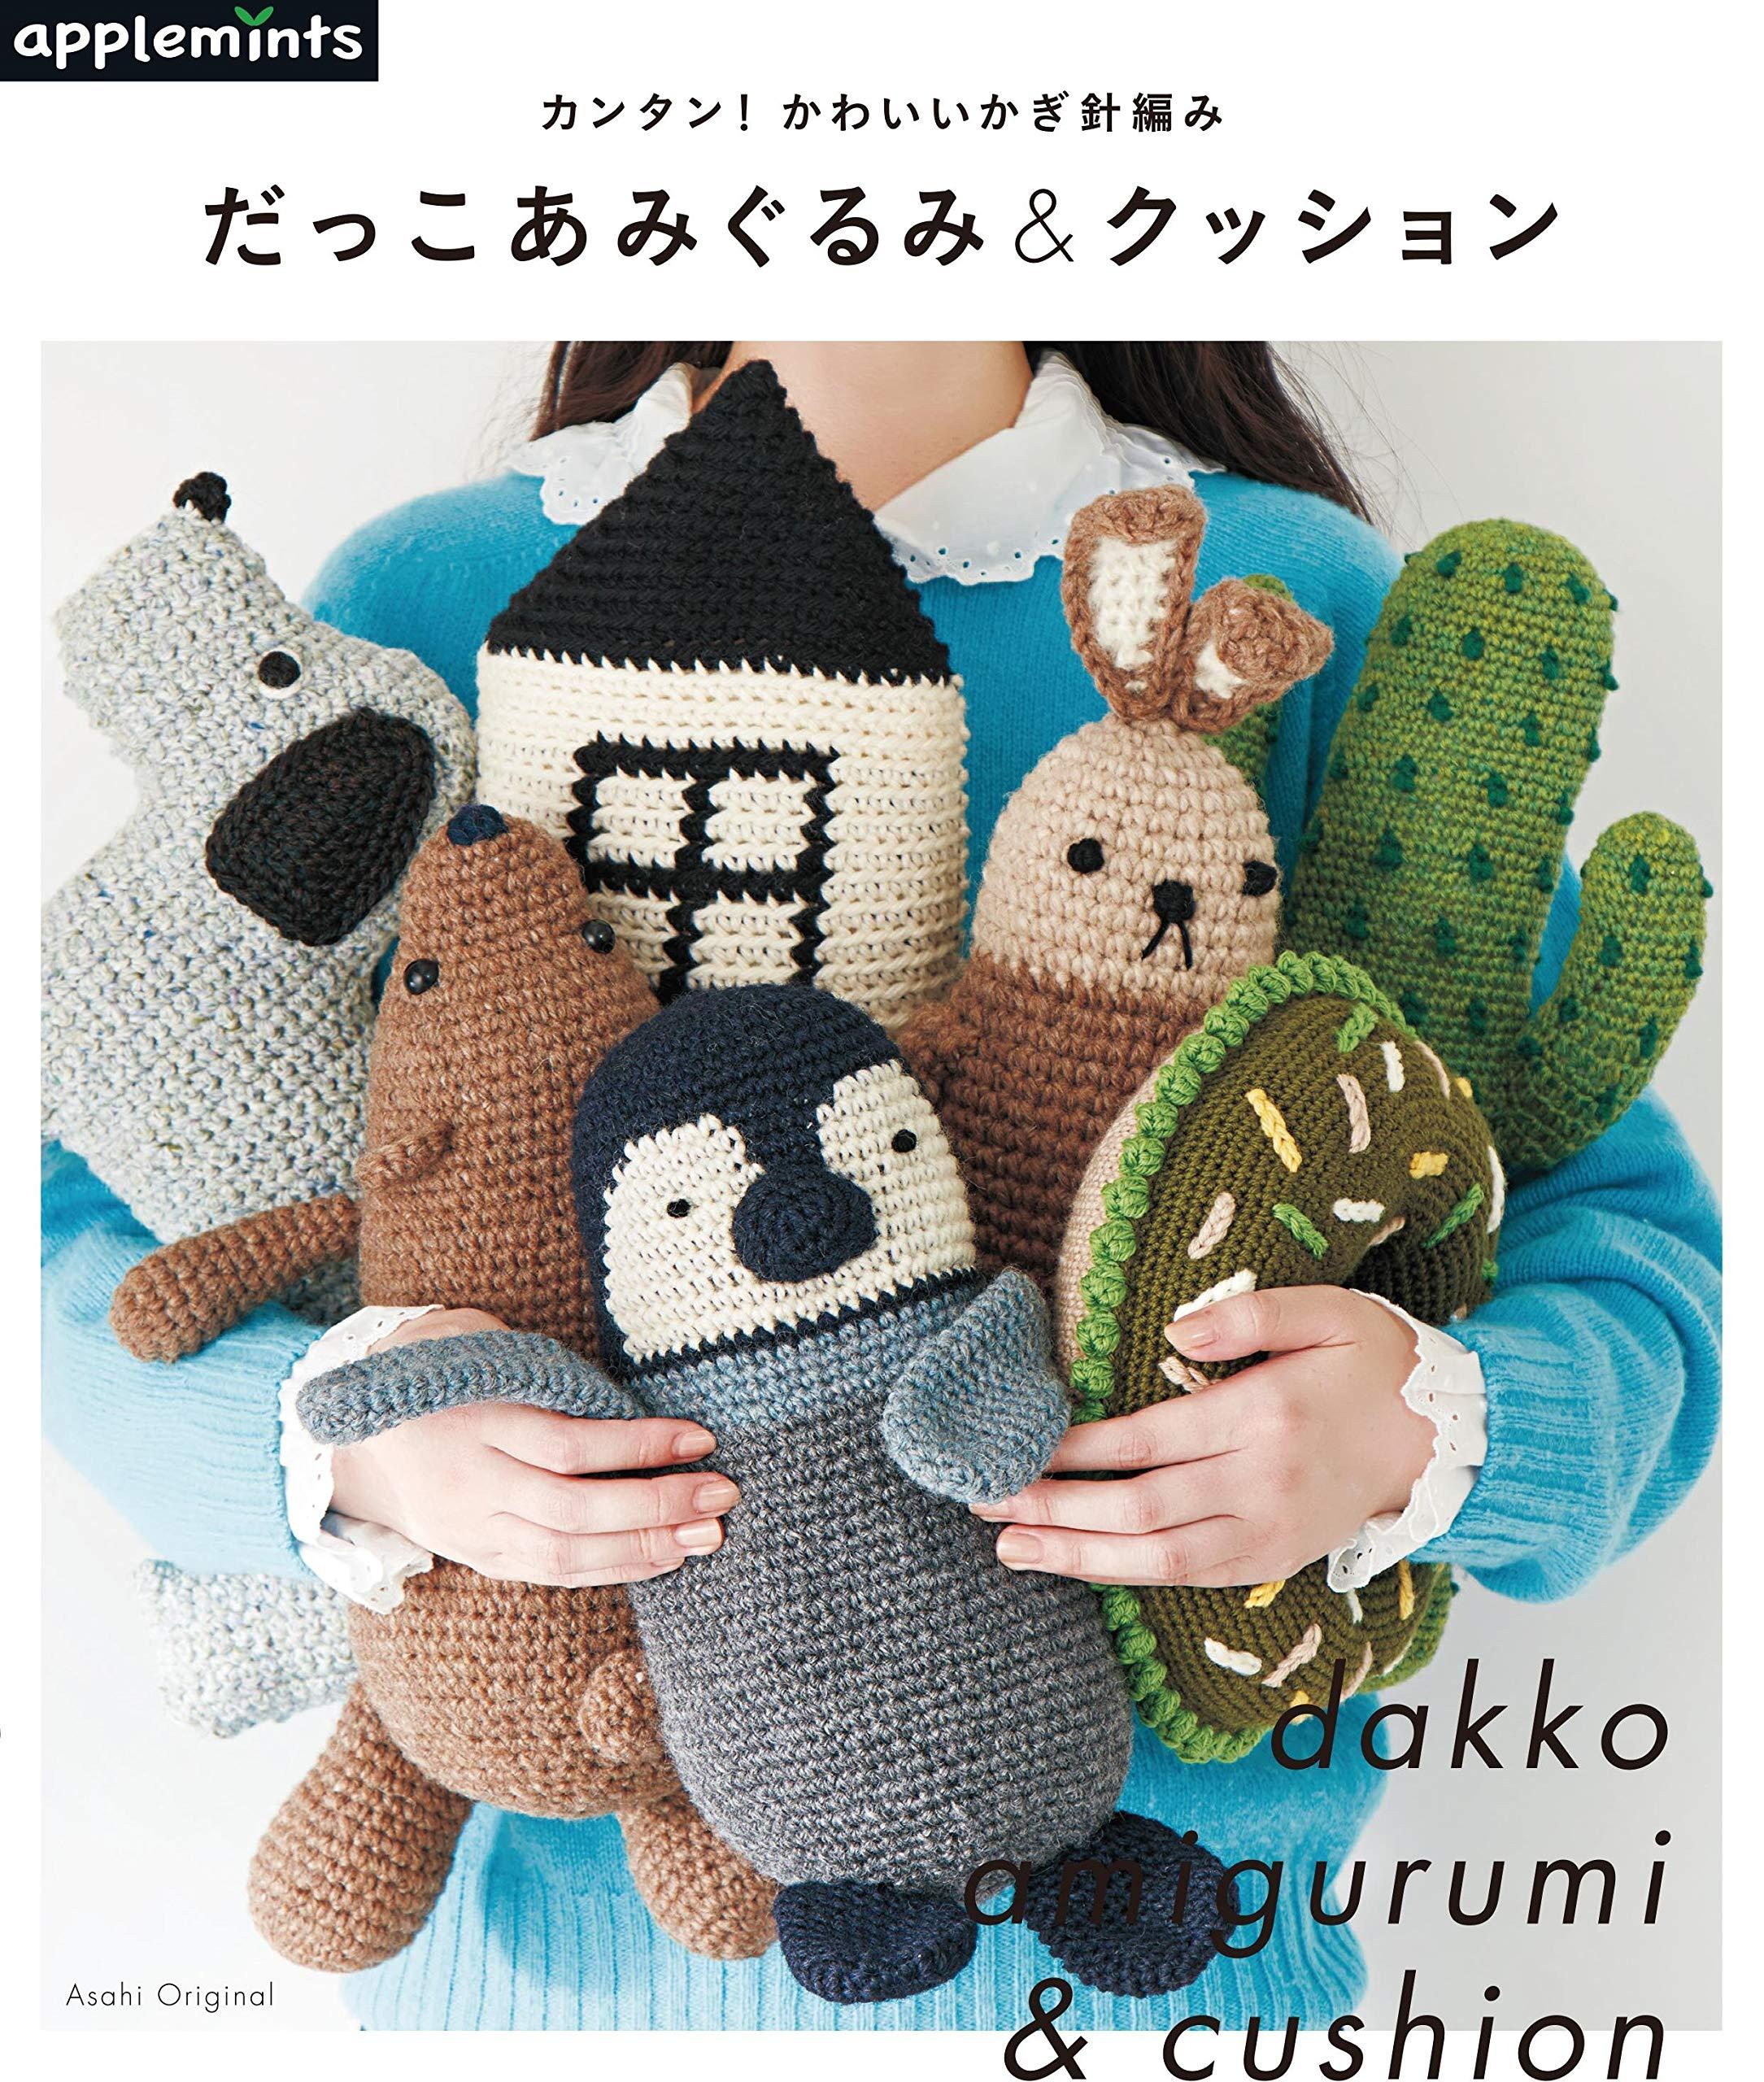 Cute Crochet Dako Amigurumi & Cushion